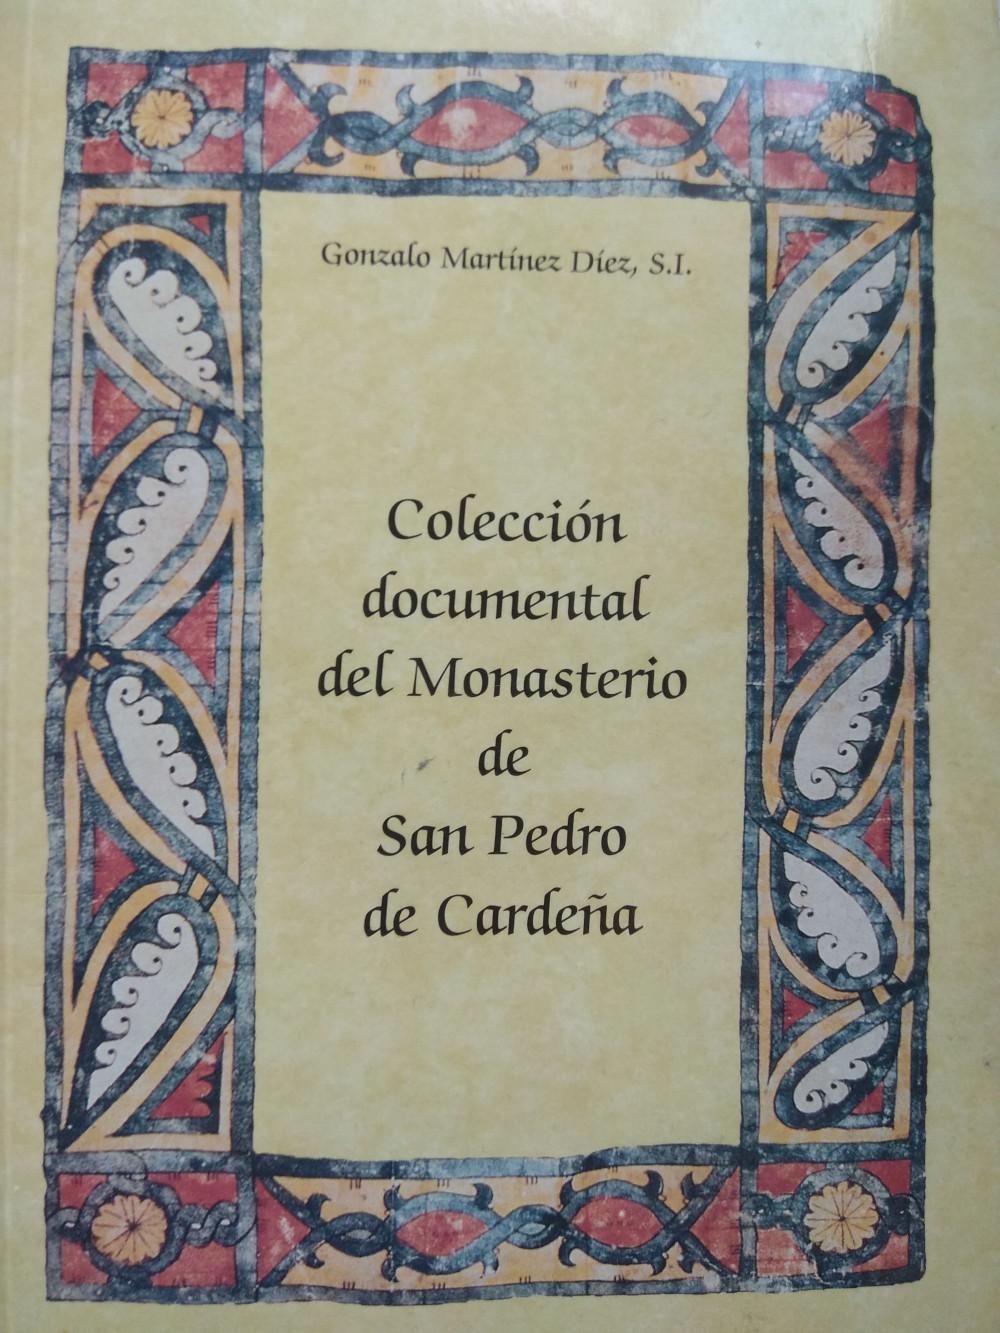 Colección documental del Monasterio de San Pedro de Cardeña Book Cover